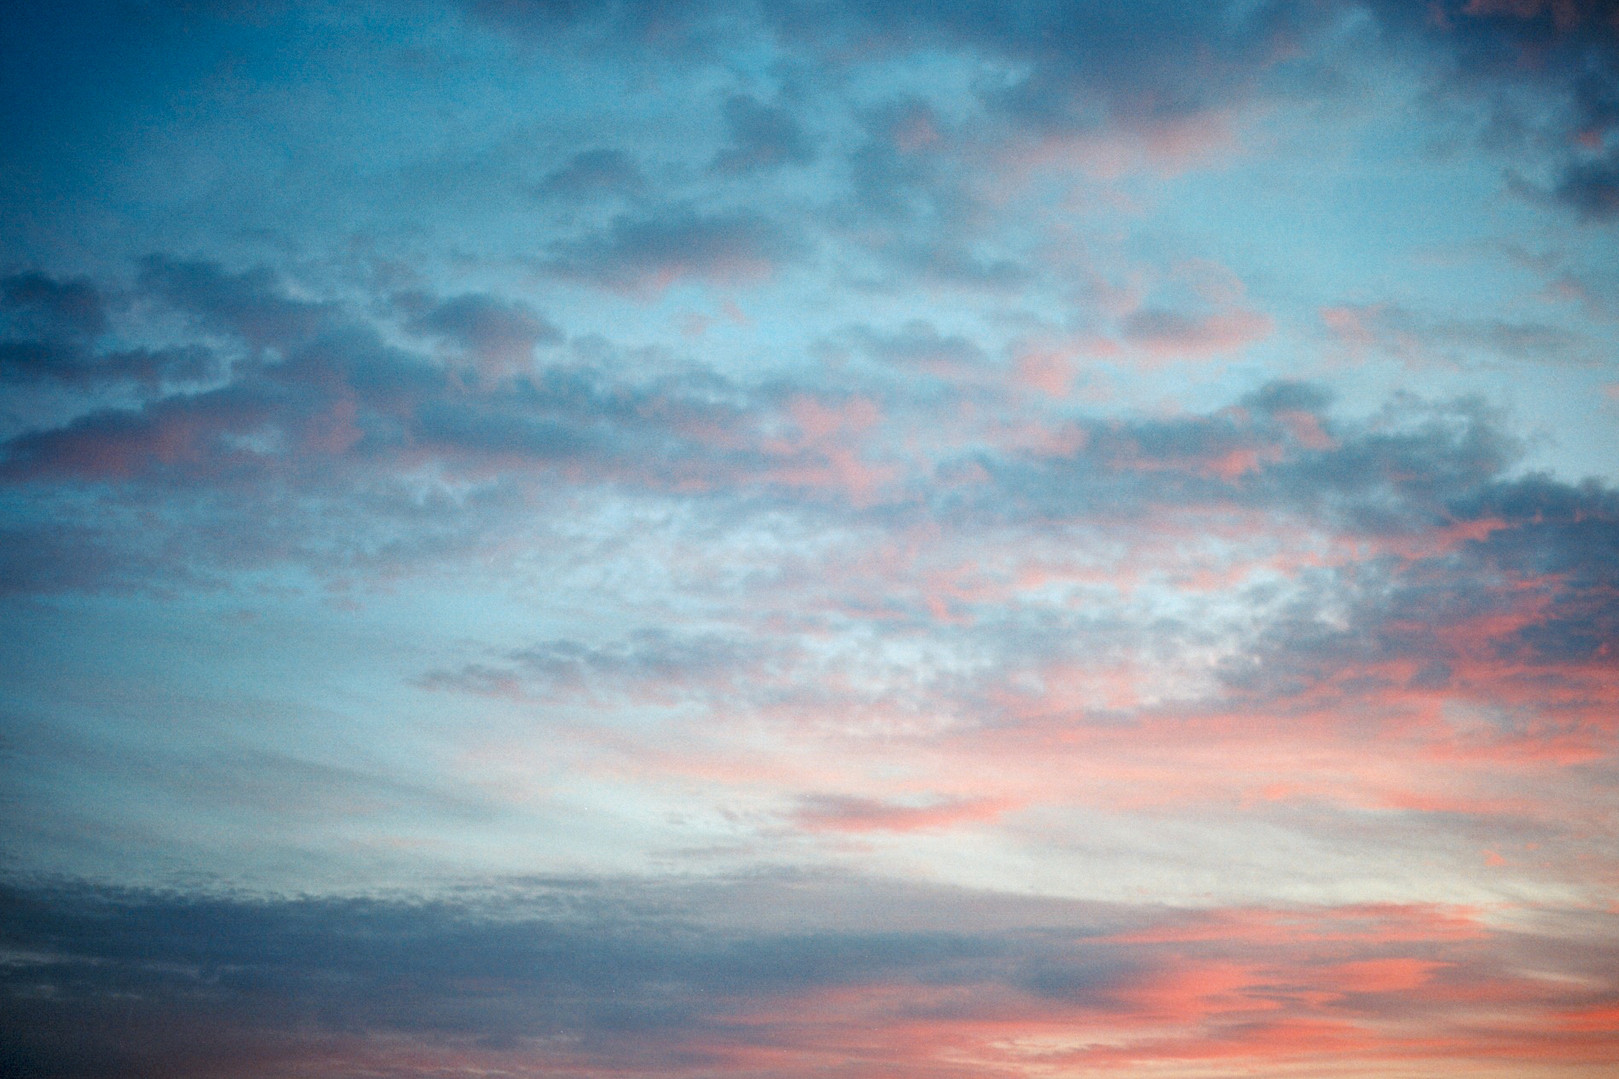 sky#8